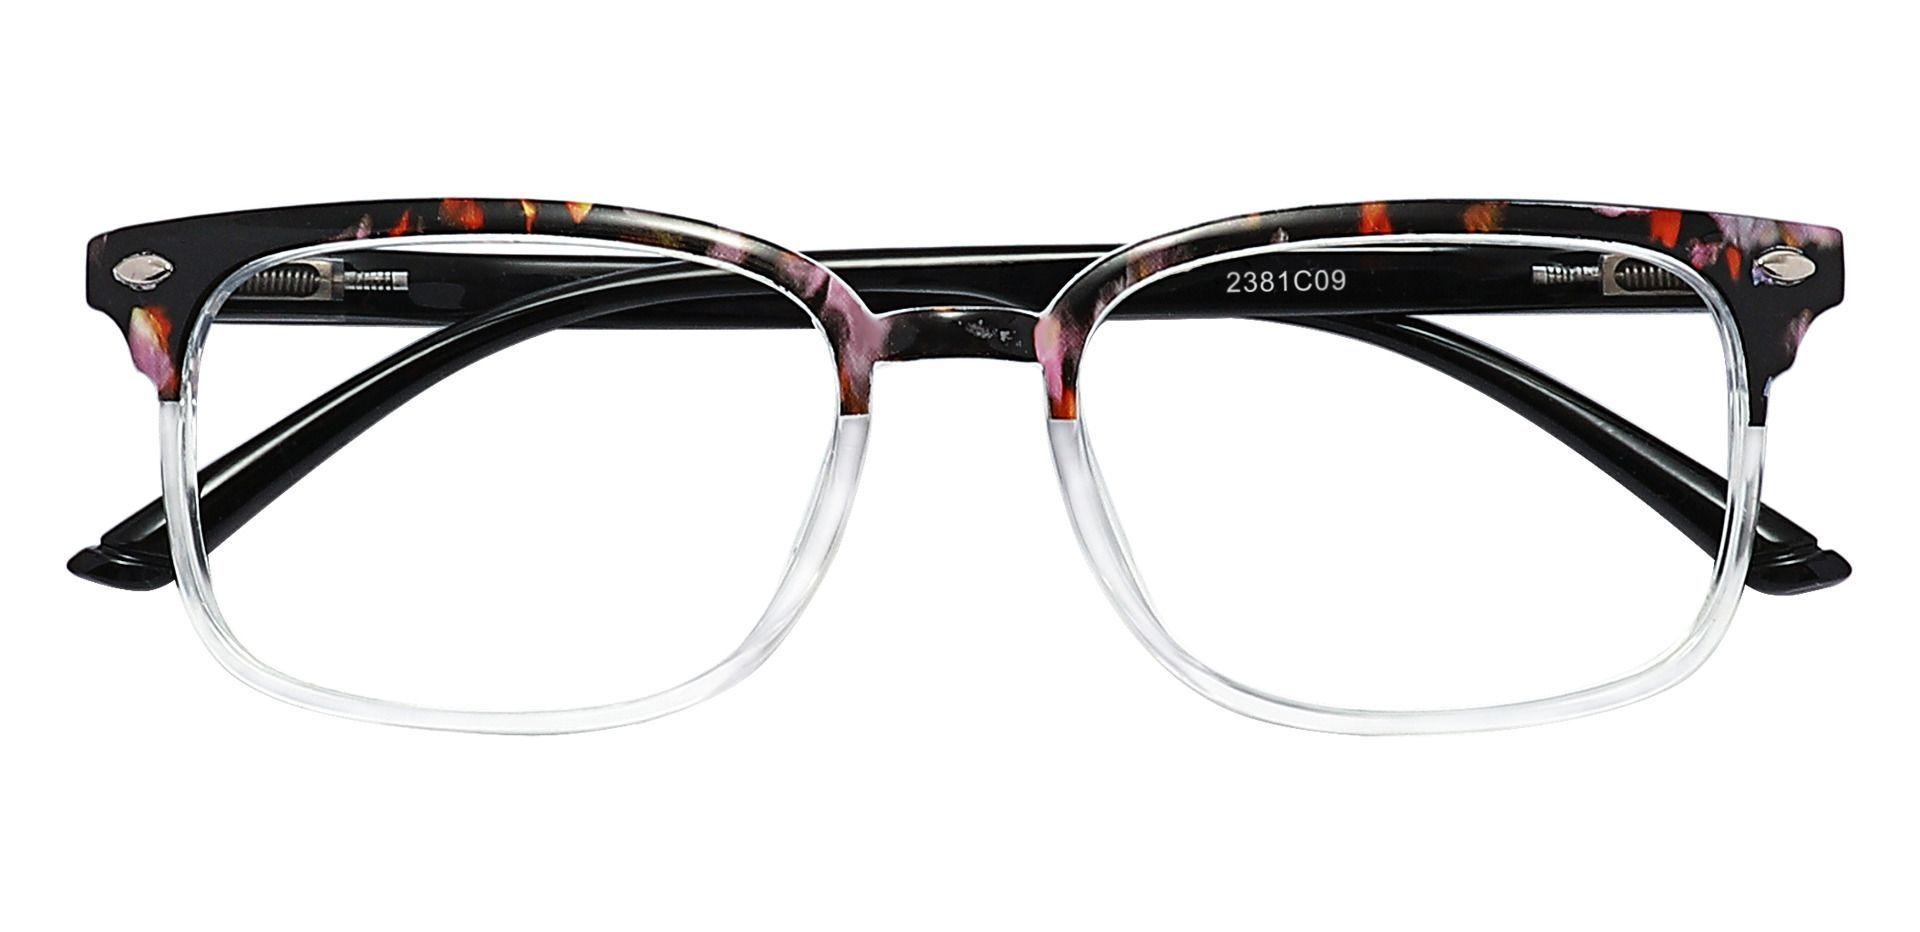 Nikola Rectangle Blue Light Blocking Glasses - Two